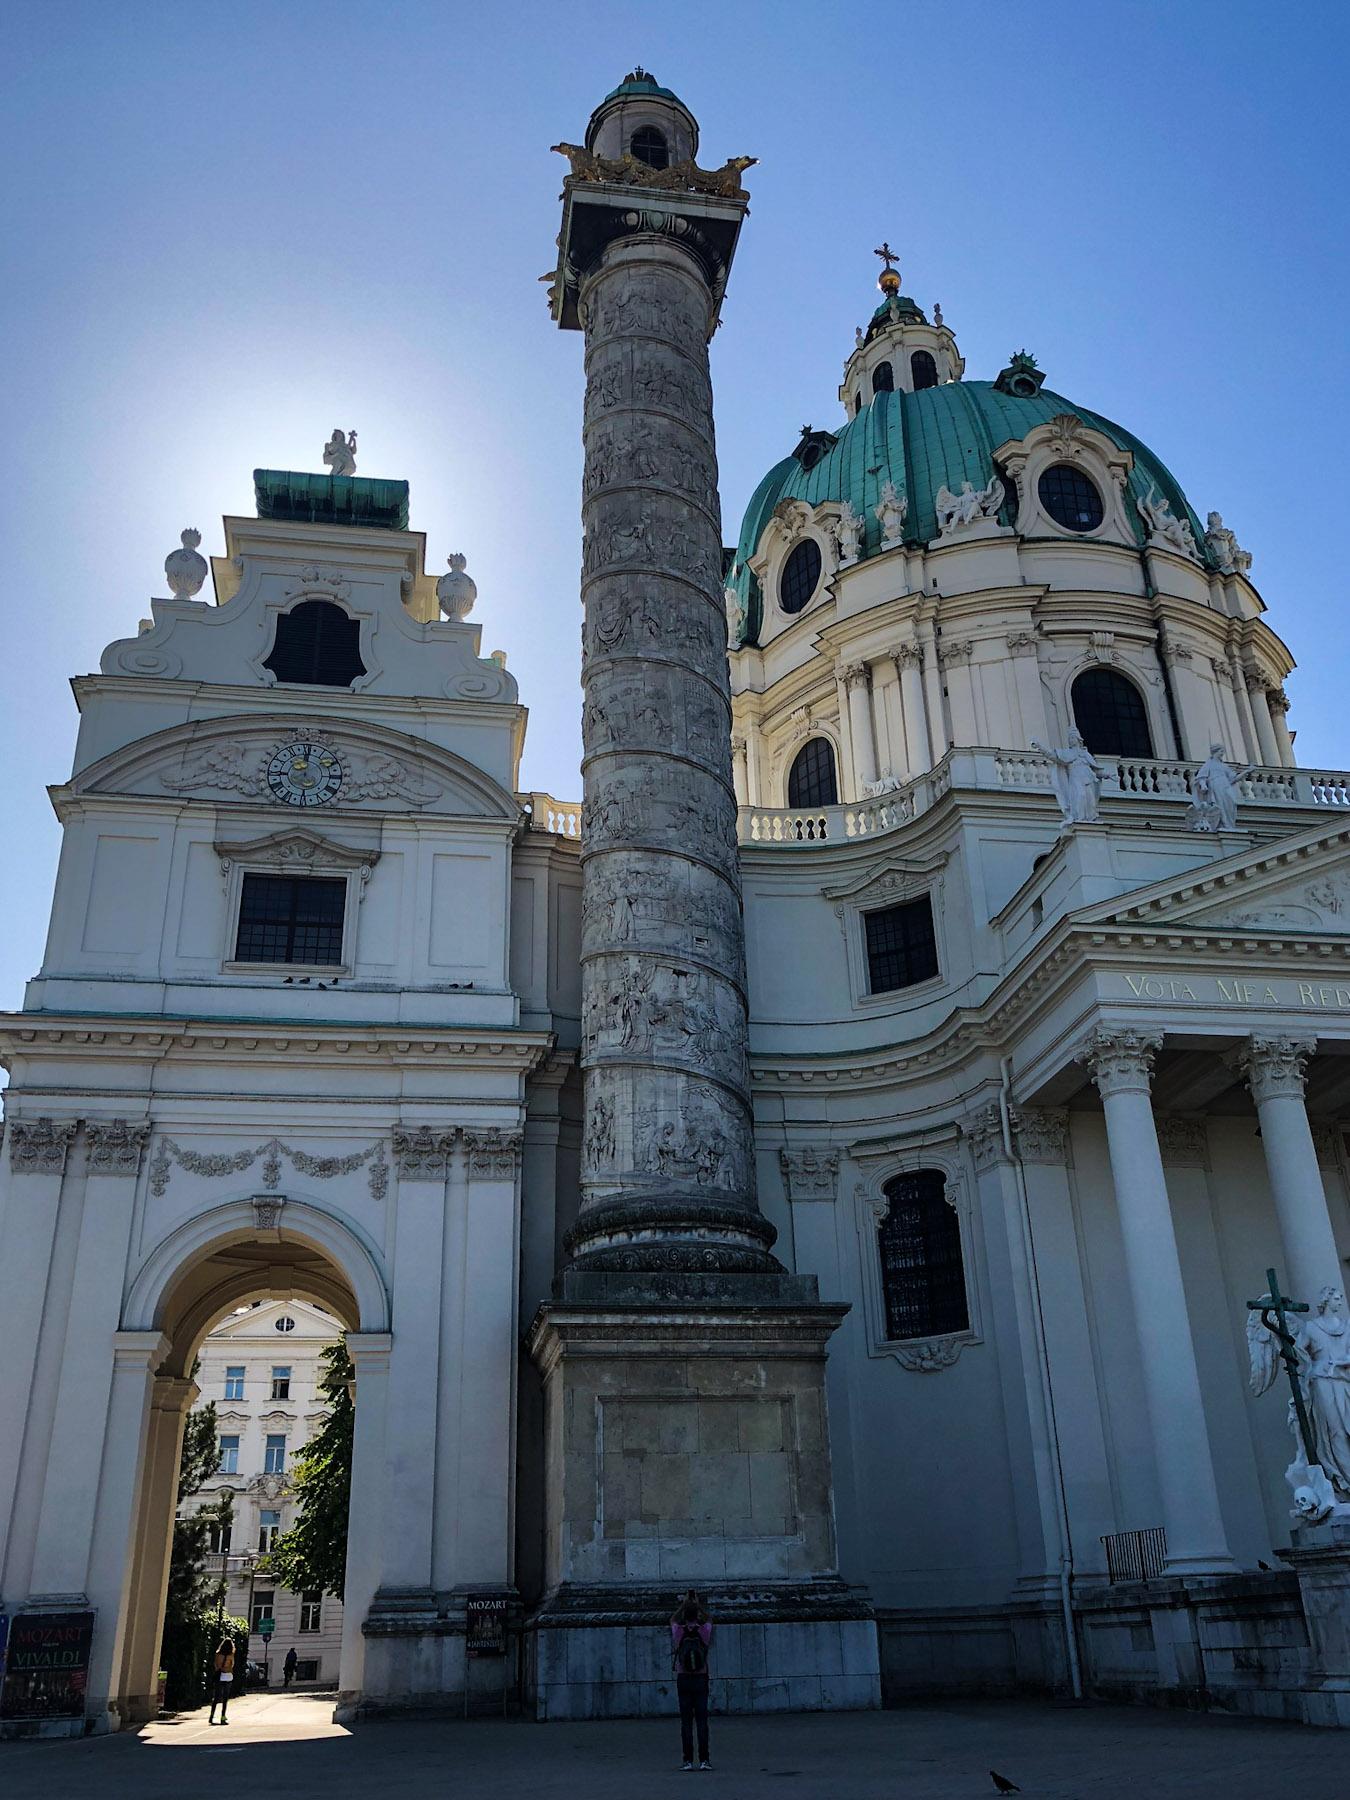 Karlskirche, Vienna, Austria